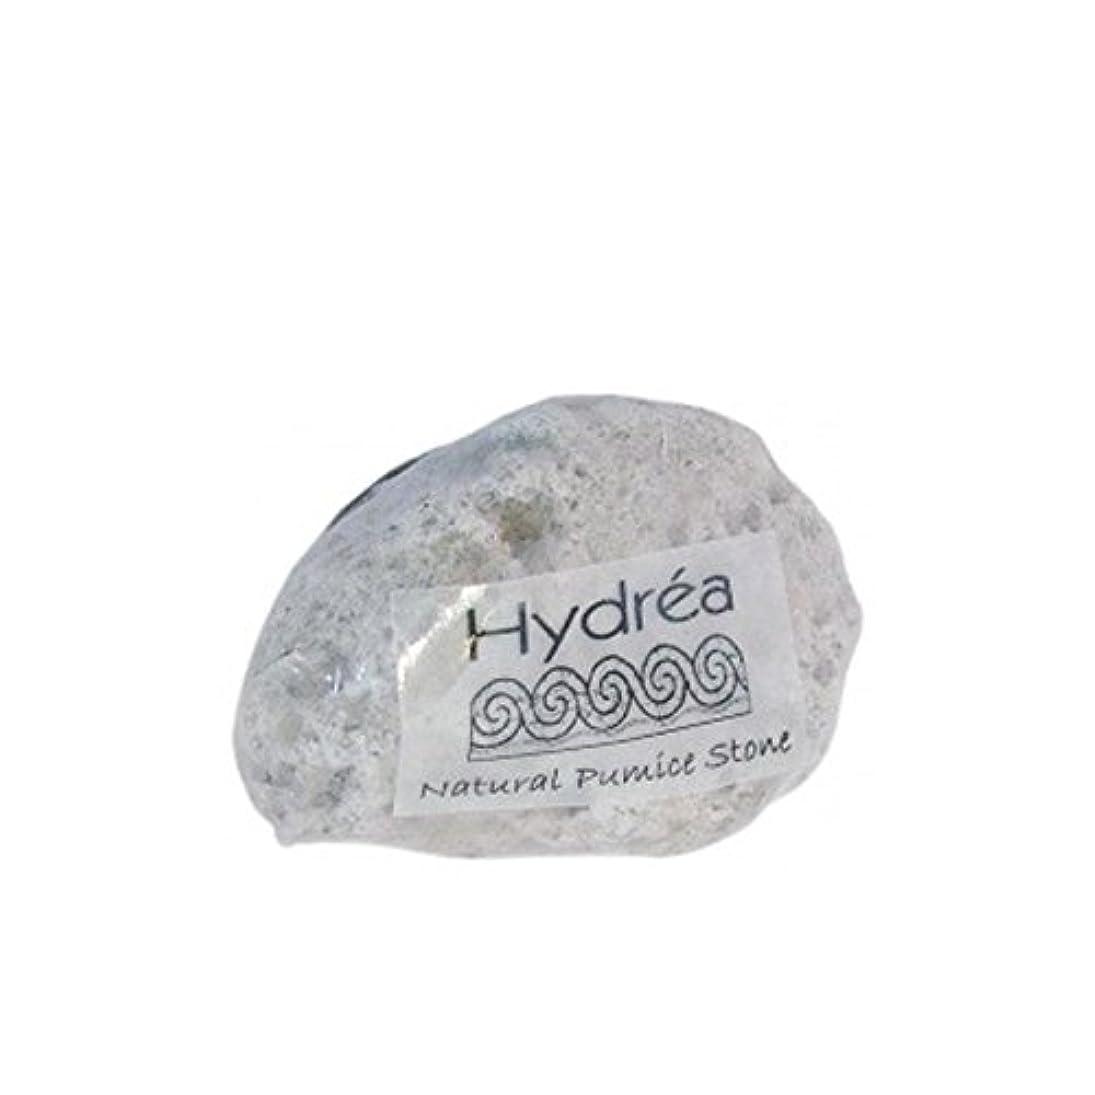 大脳キッチンベテランHydrea London - Natural Pumice Stone (Pack of 6) - ハイドレアロンドン - 自然軽石 x6 [並行輸入品]